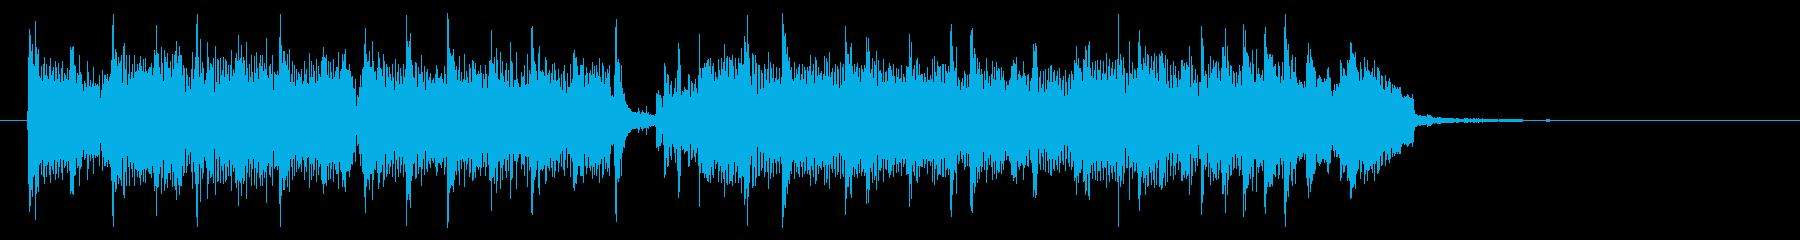 ギター効果音_騙し合いの再生済みの波形